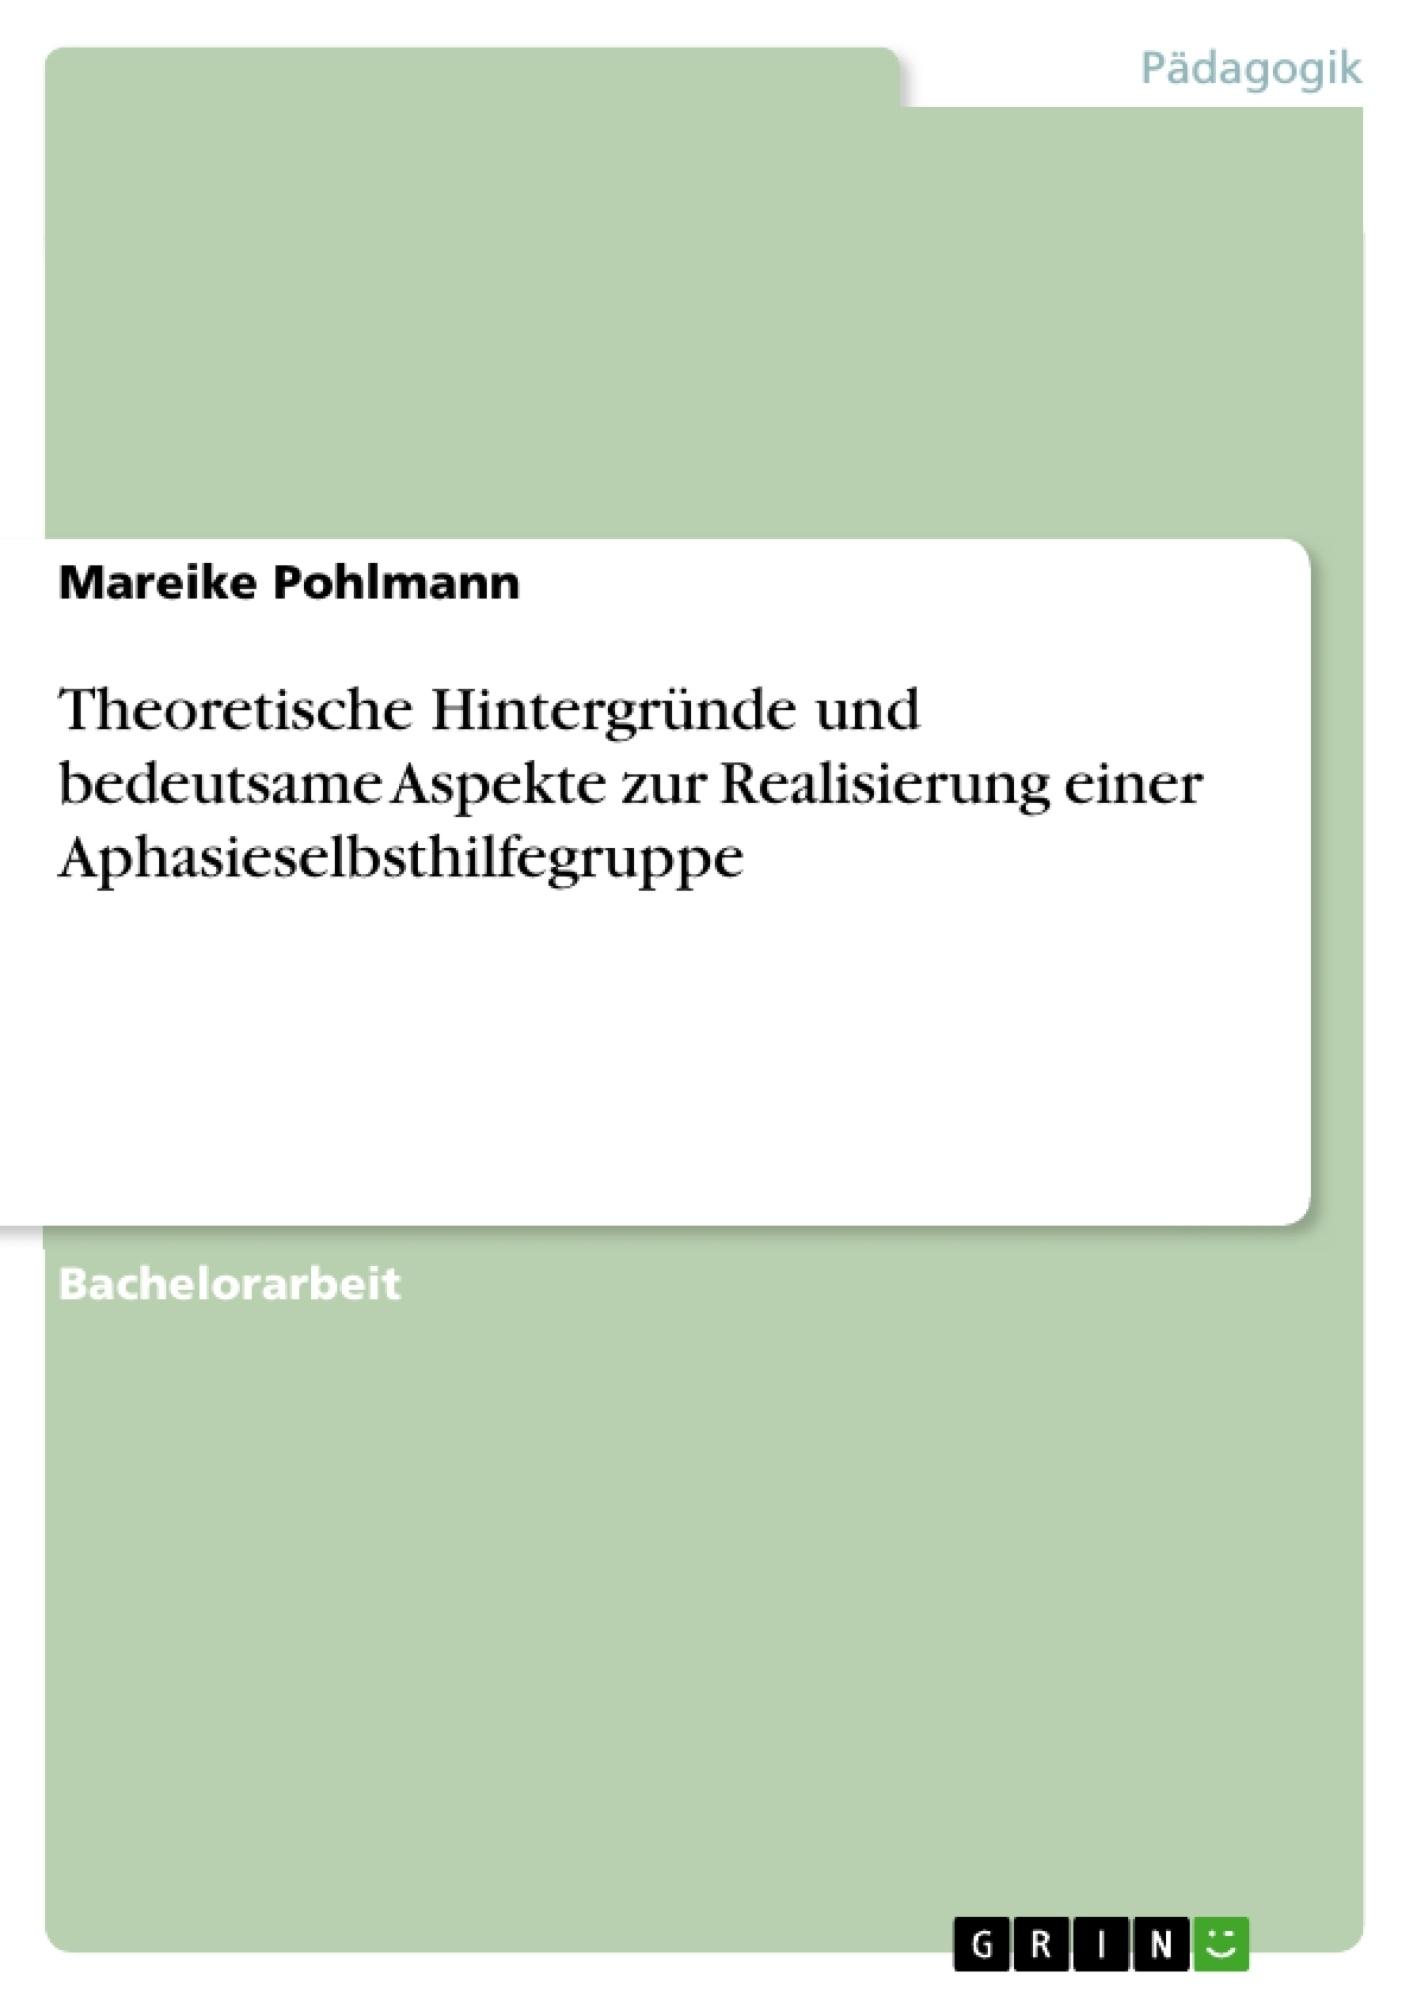 Titel: Theoretische Hintergründe und bedeutsame Aspekte zur Realisierung einer Aphasieselbsthilfegruppe